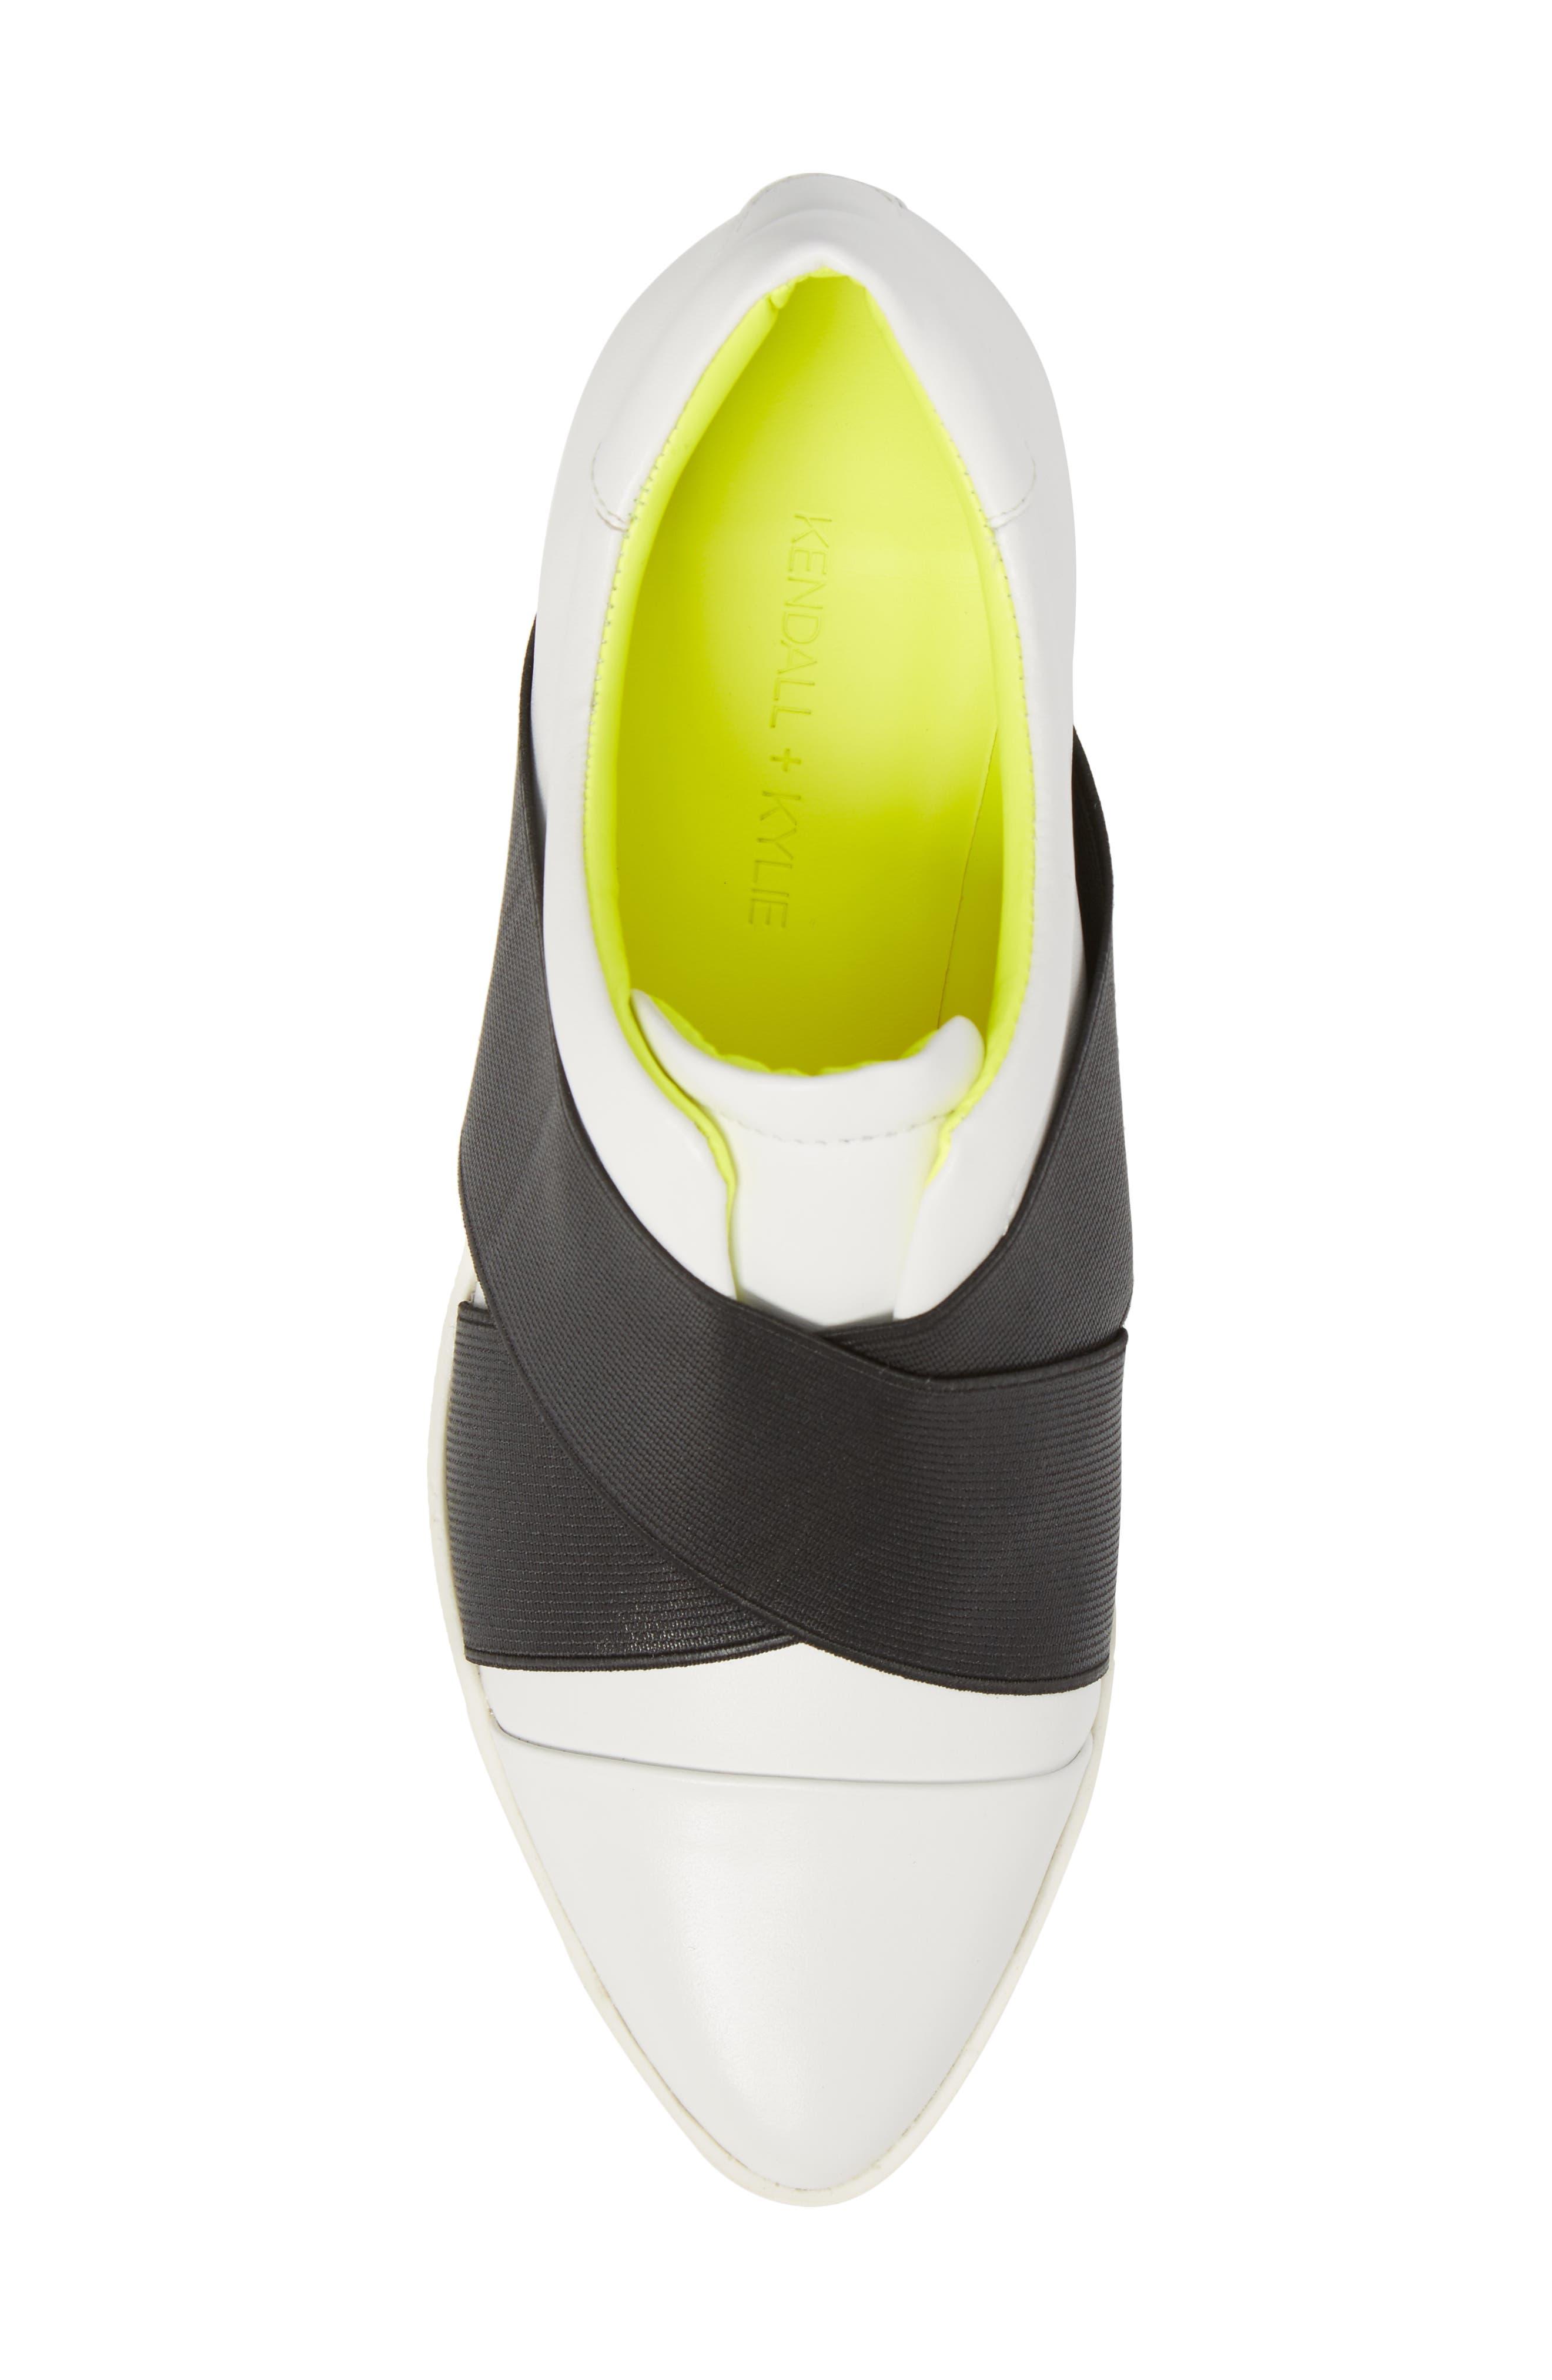 Tasha Platform Slip-On Sneaker,                             Alternate thumbnail 5, color,                             White Leather